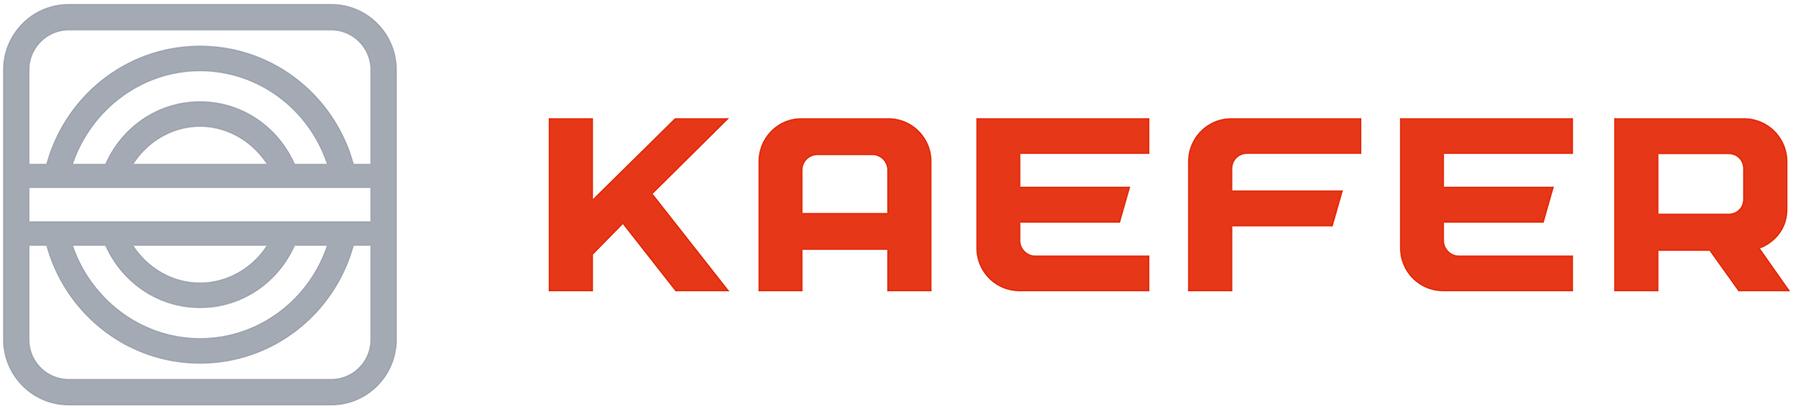 kaefer_logo_2019